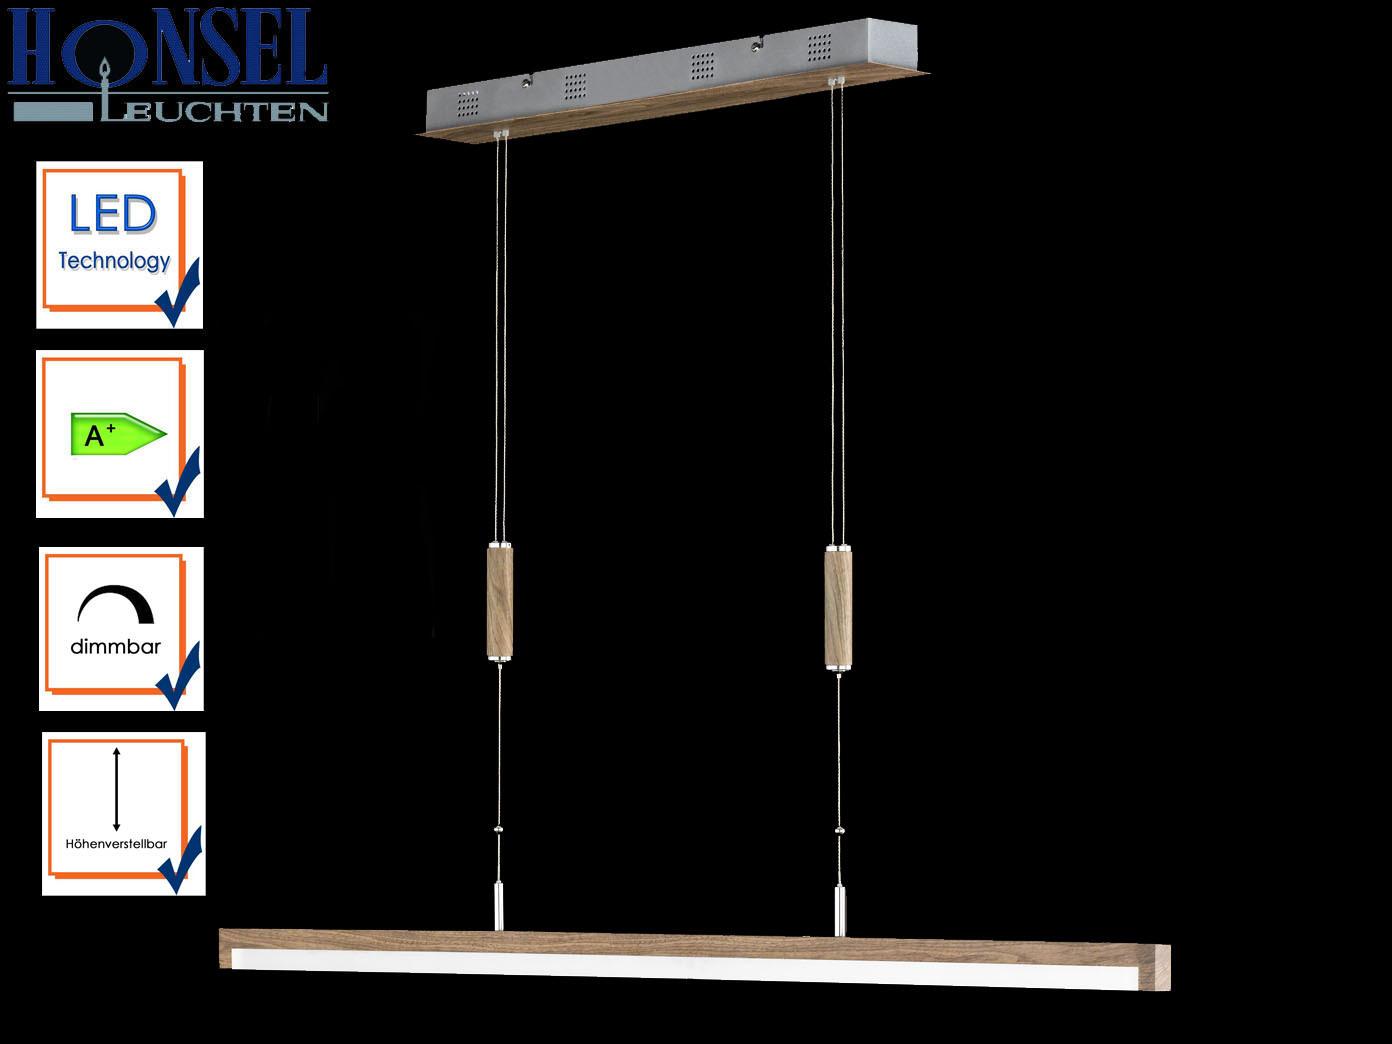 honsel led pendelleuchte stick holz dimmbar h henverstellbar lampe esstisch ebay. Black Bedroom Furniture Sets. Home Design Ideas